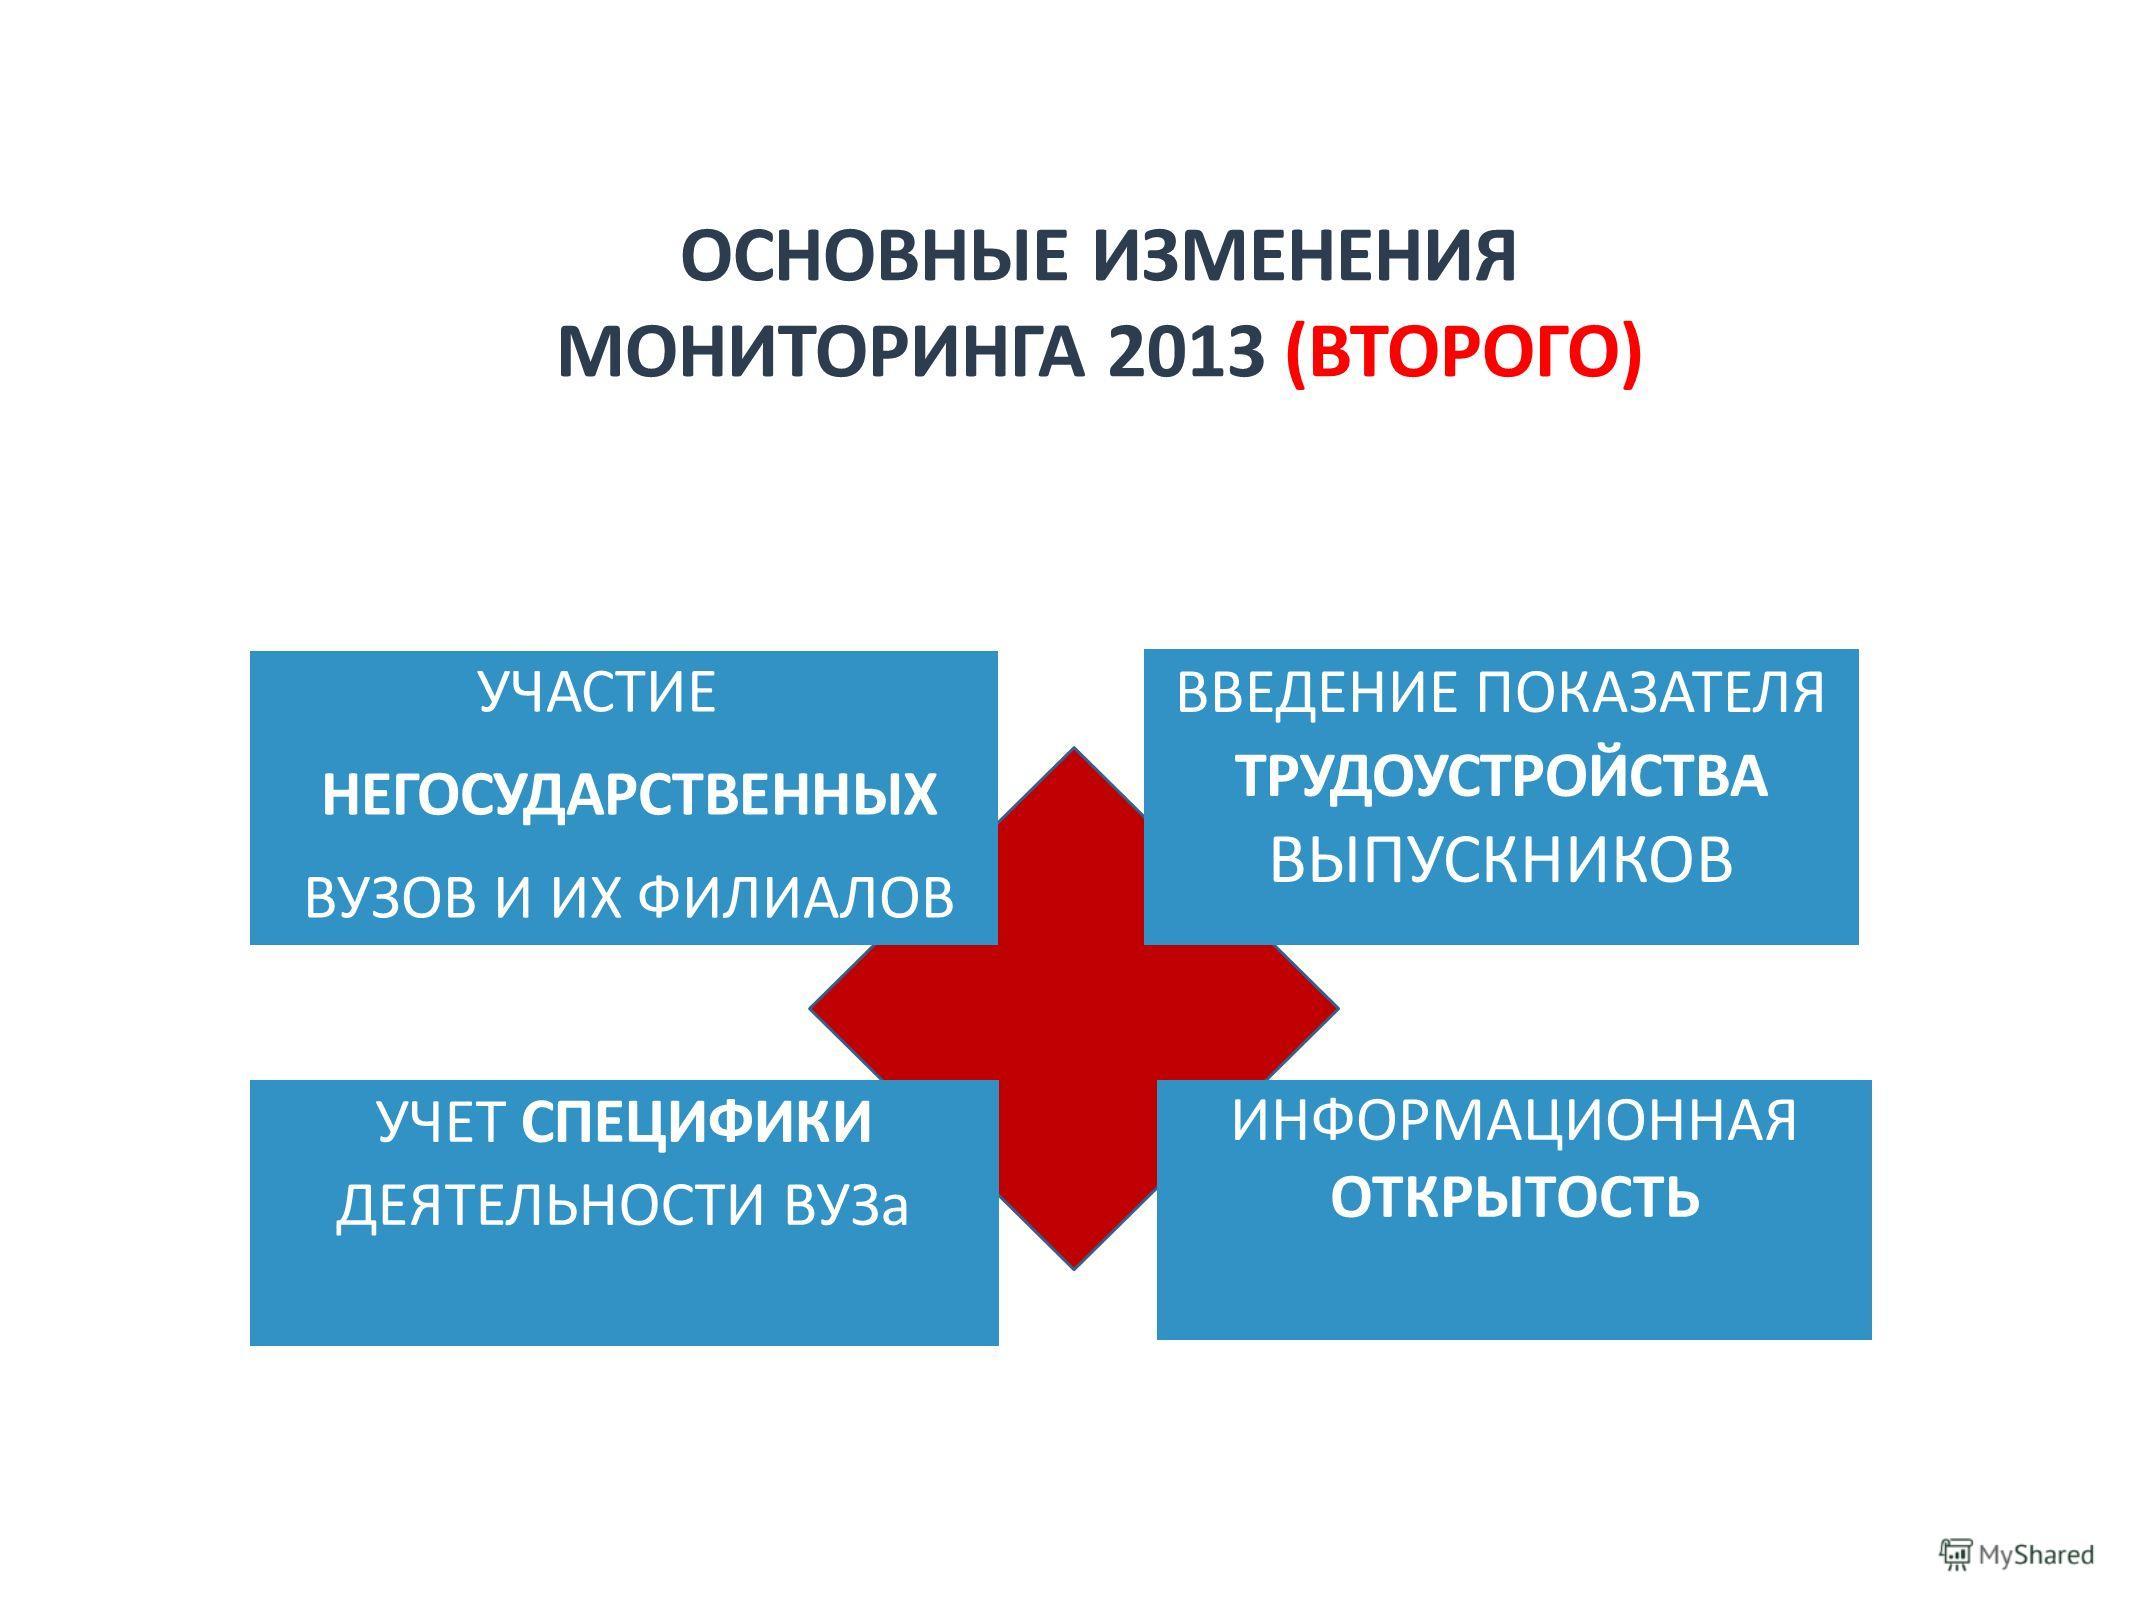 ОСНОВНЫЕ ИЗМЕНЕНИЯ МОНИТОРИНГА 2013 (ВТОРОГО) УЧАСТИЕ НЕГОСУДАРСТВЕННЫХ ВУЗОВ И ИХ ФИЛИАЛОВ ВВЕДЕНИЕ ПОКАЗАТЕЛЯ ТРУДОУСТРОЙСТВА ВЫПУСКНИКОВ УЧЕТ СПЕЦИФИКИ ДЕЯТЕЛЬНОСТИ ВУЗа ИНФОРМАЦИОННАЯ ОТКРЫТОСТЬ